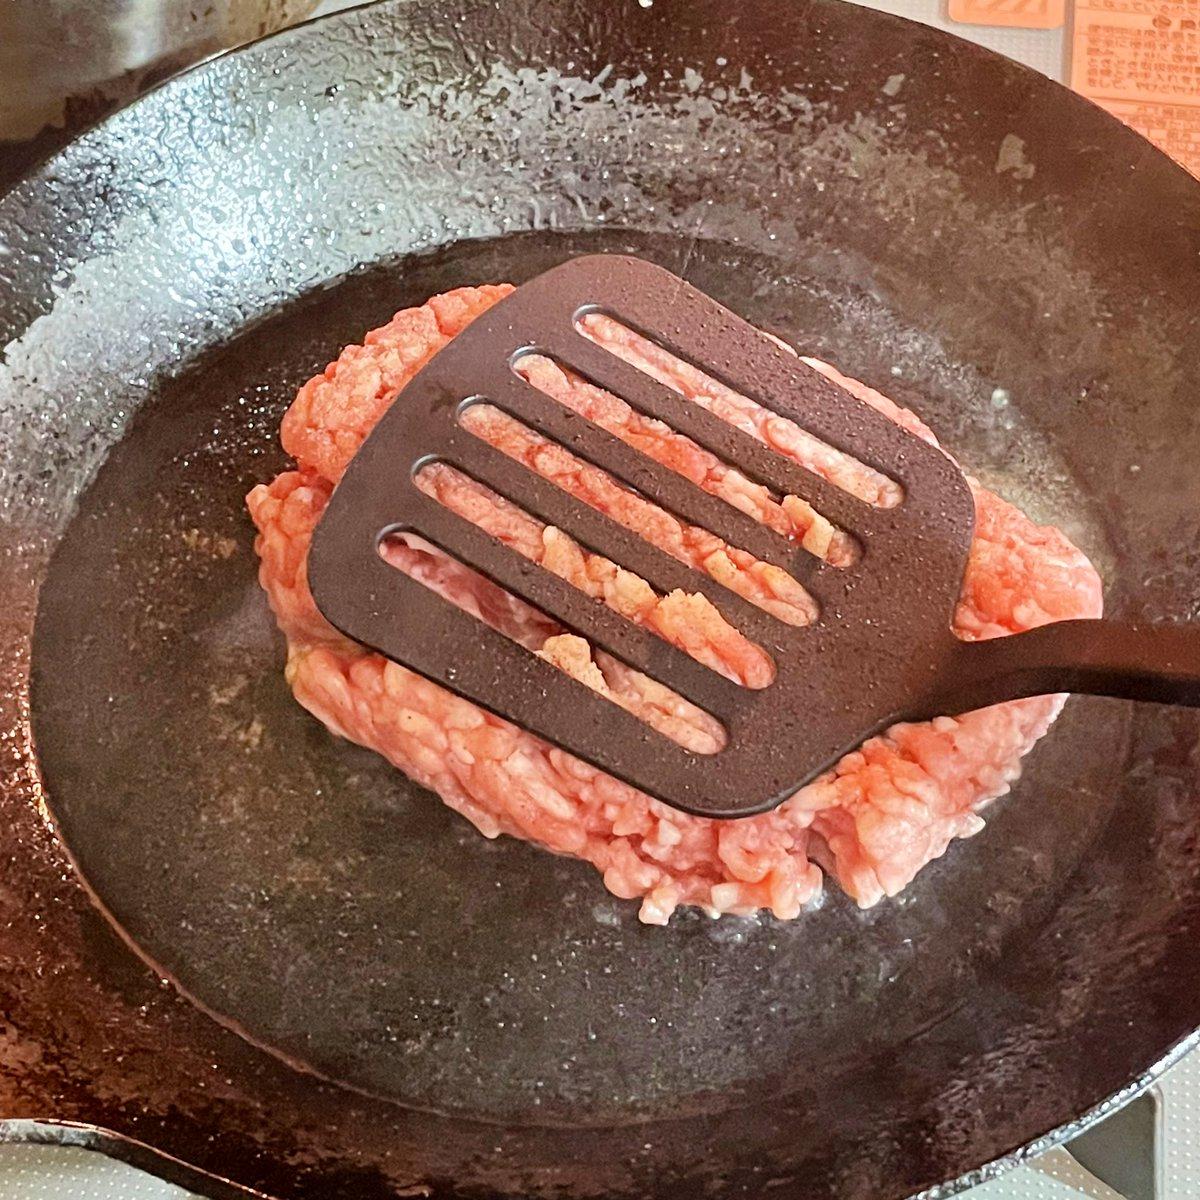 気分が落ち込んでるときにおすすめ?塩胡椒をして焼くだけのハンバーグ!